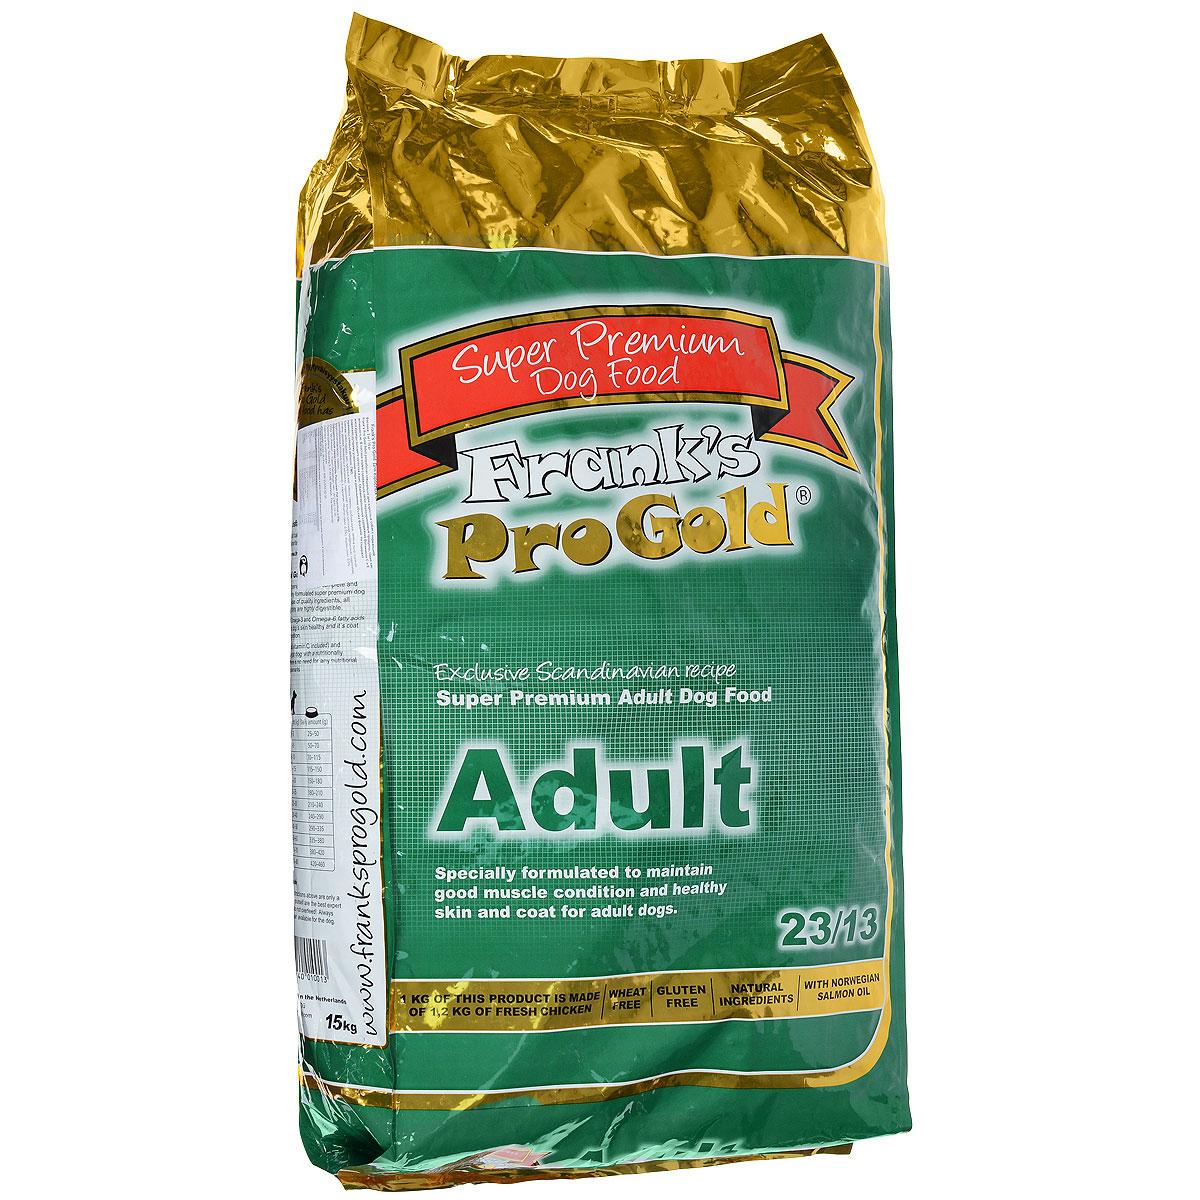 Корм сухой Franks ProGold для взрослых собак всех пород, 15 кг17929Сухой корм Franks ProGold разработан специально для взрослых собак с нормальной активностью. В составе корма содержатся легко перевариваемые продукты, такие как: мясо курицы высшего качества и рис. Сбалансированное содержание витаминов С и Е помогают лучшему усвоению пищи и уменьшению объема фекалий. Не содержит пшеницы, соевых добавок, ГМО. Состав: дегидрированное мясо курицы, маис, рис, куриный жир, свекла, дегидрированная рыба, кэроб, льняное семя, гидролизованная куриная печень, дрожжи, минералы и витамины, хондроитин, глюкозамин, L-карнитин, лецитин (минимум 0,5%), инулин (минимум 0,5% FOS), таурин. Пищевая ценность: белки 23,0%, жиры 13,0%, клетчатка 2,5%, зола 8,0%, влажность 9,5%, фосфор 1,2%, кальций 1,6%. Добавки: витамин-A (E672) 18000 IU/кг, витамин-D3 (E671) 1800 IU/кг, витамин-E (альфа токоферола ацетат) 153 мг/кг, витамин-C (фосфат аскорбиновой кислоты) 100 мг/кг, E1 50 мг/кг, E2 1,5 мг/кг, E4 5 мг/кг, E5 35 мг/кг, E6 65 мг/кг. Товар...